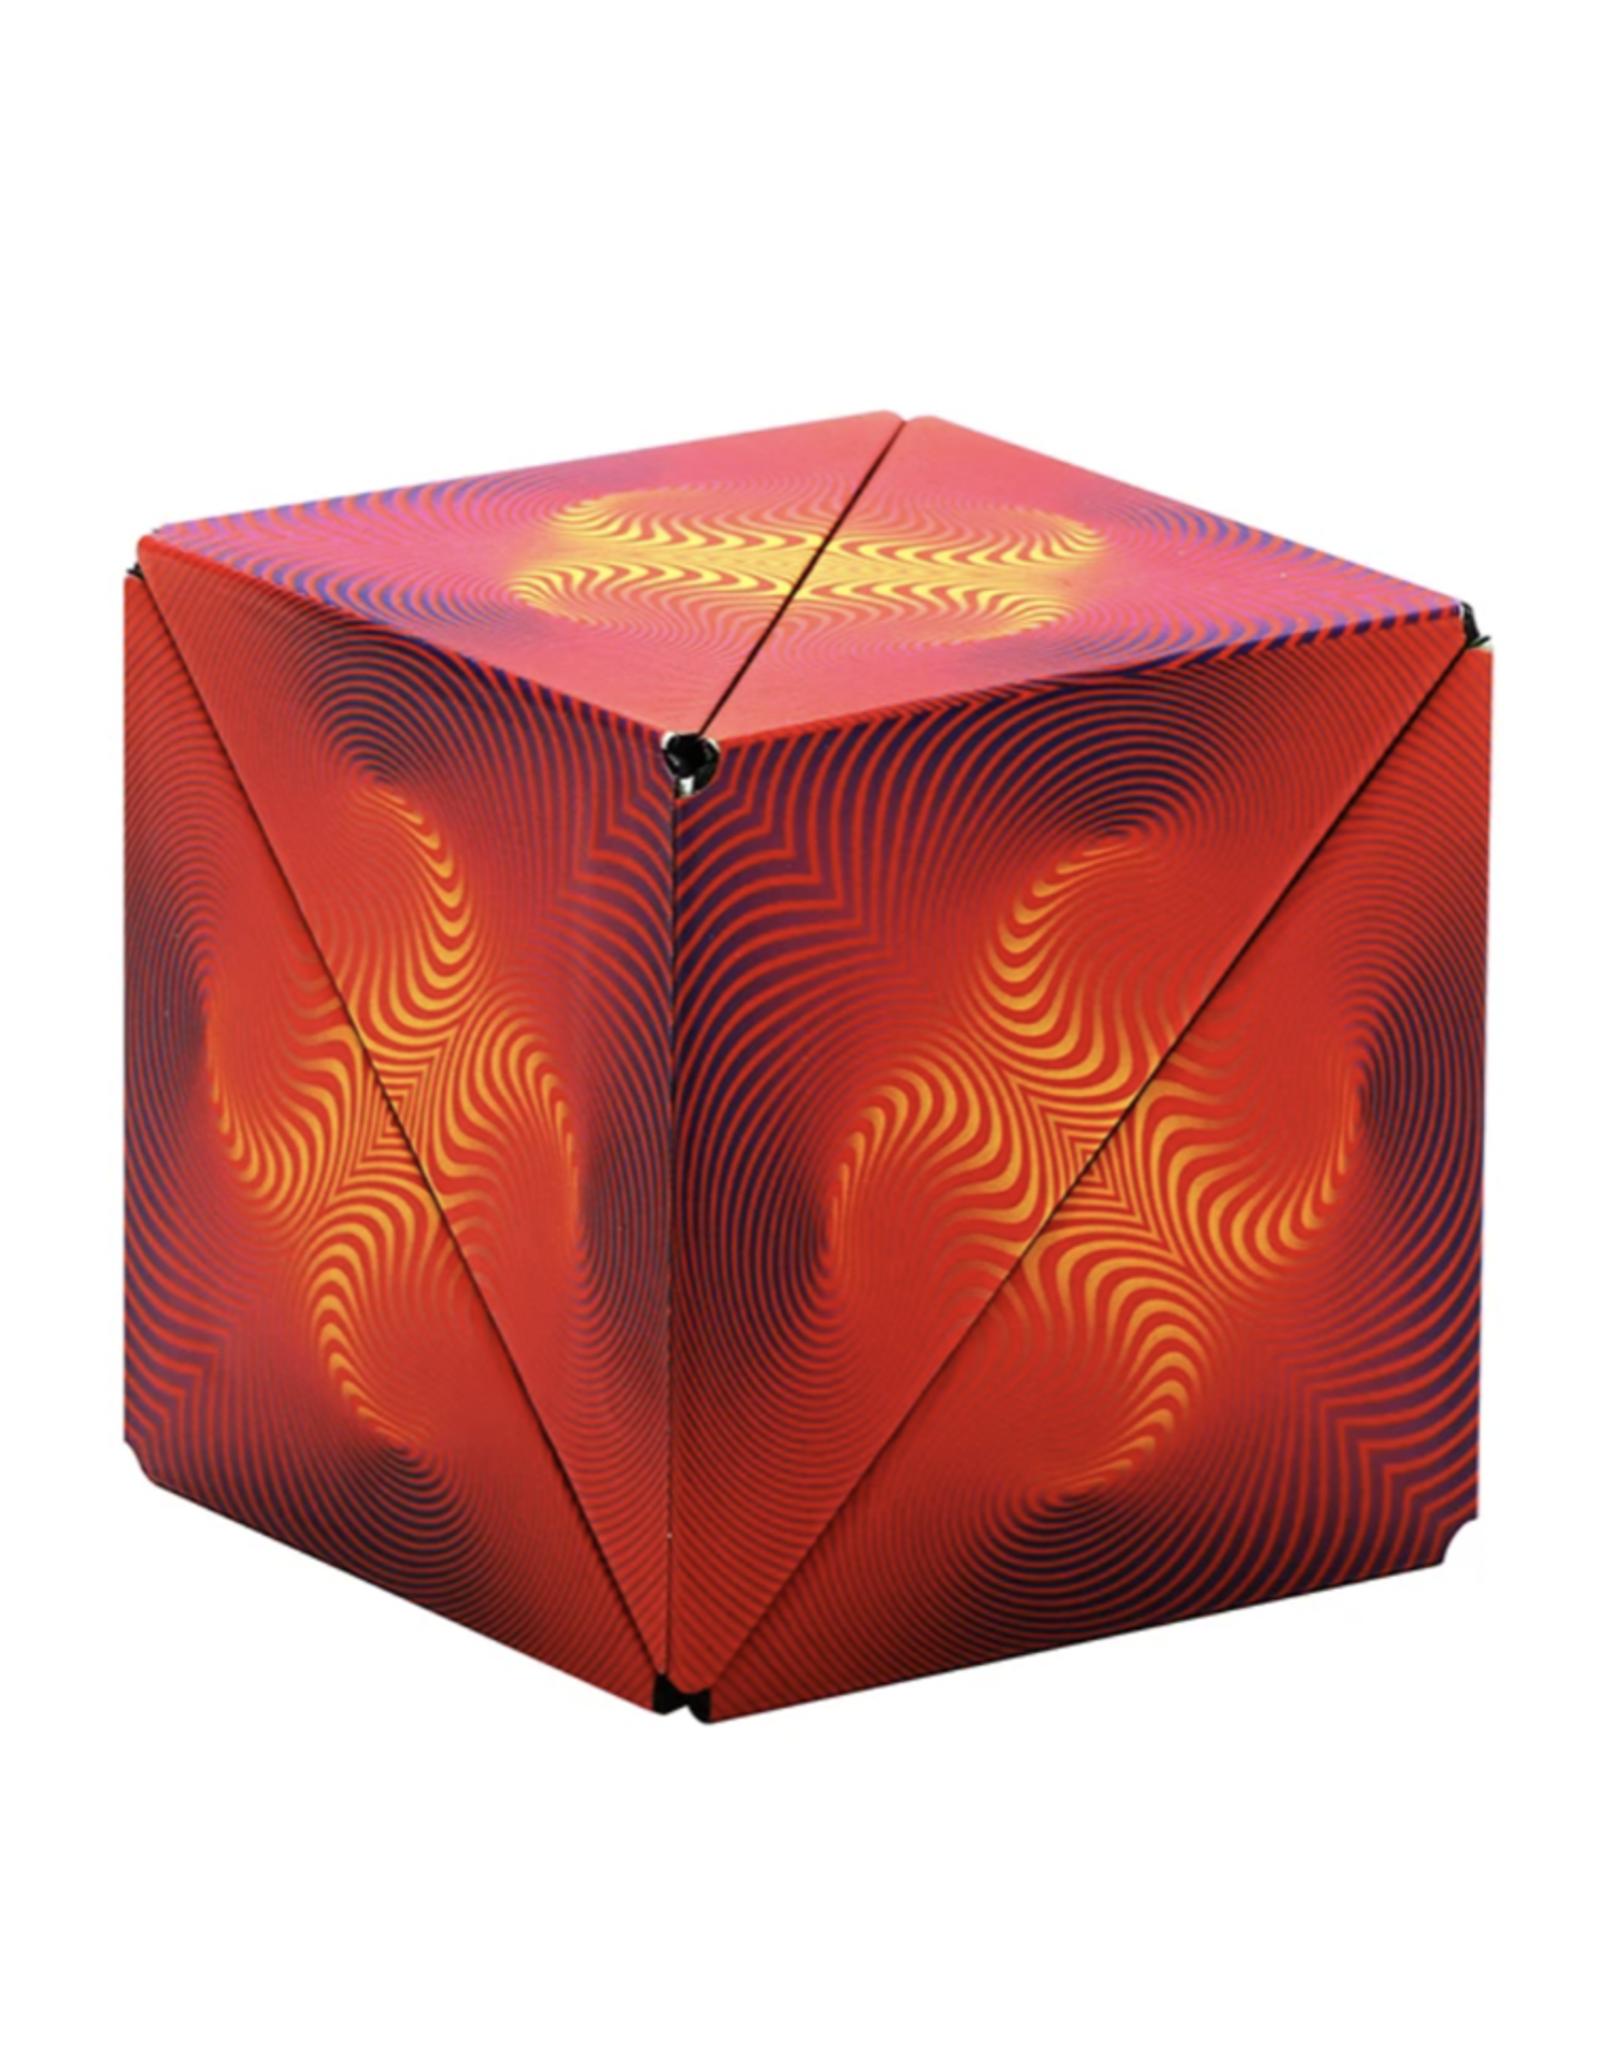 Shashibo Shashibo - Optical Illusion